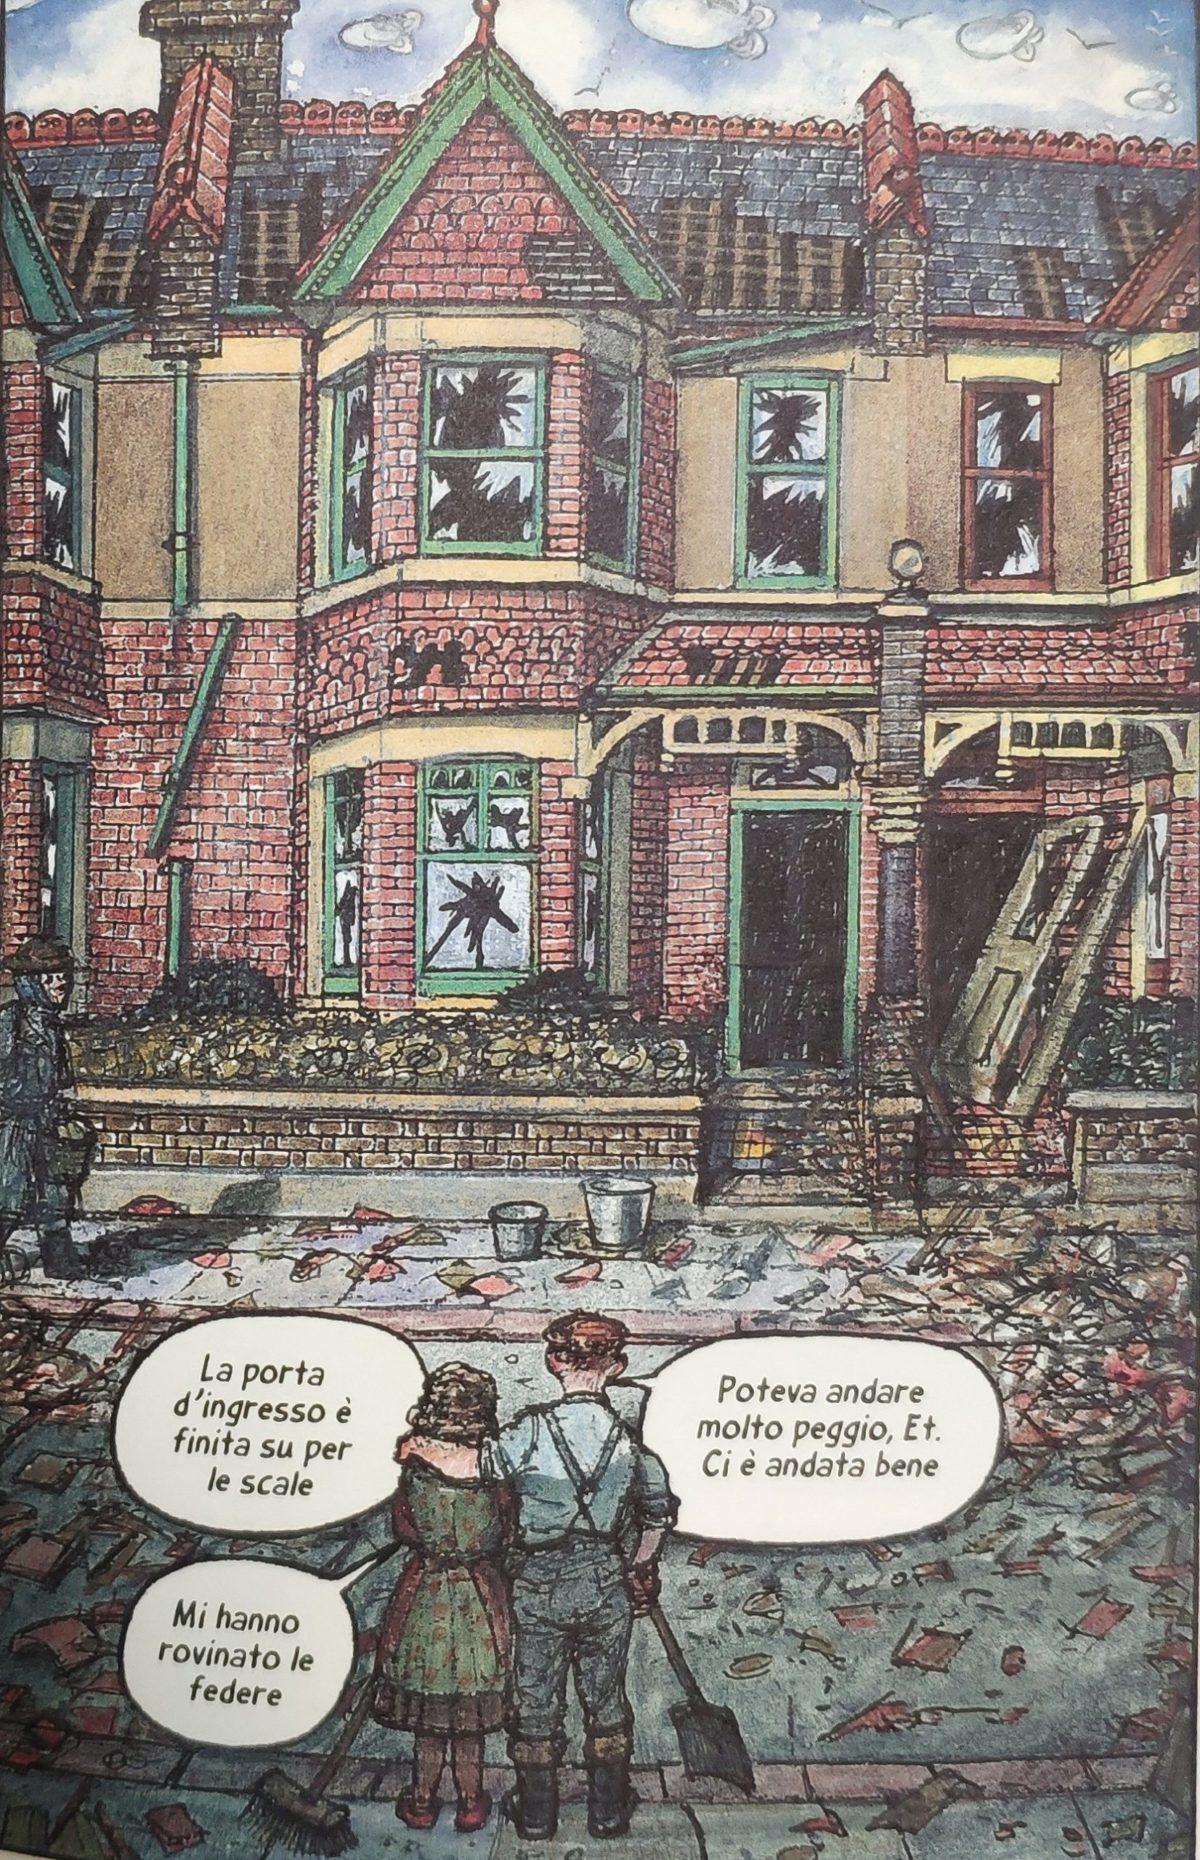 Mio caro fumetto... - La casa di Ethel e Ernest danneggiata dalle bombe